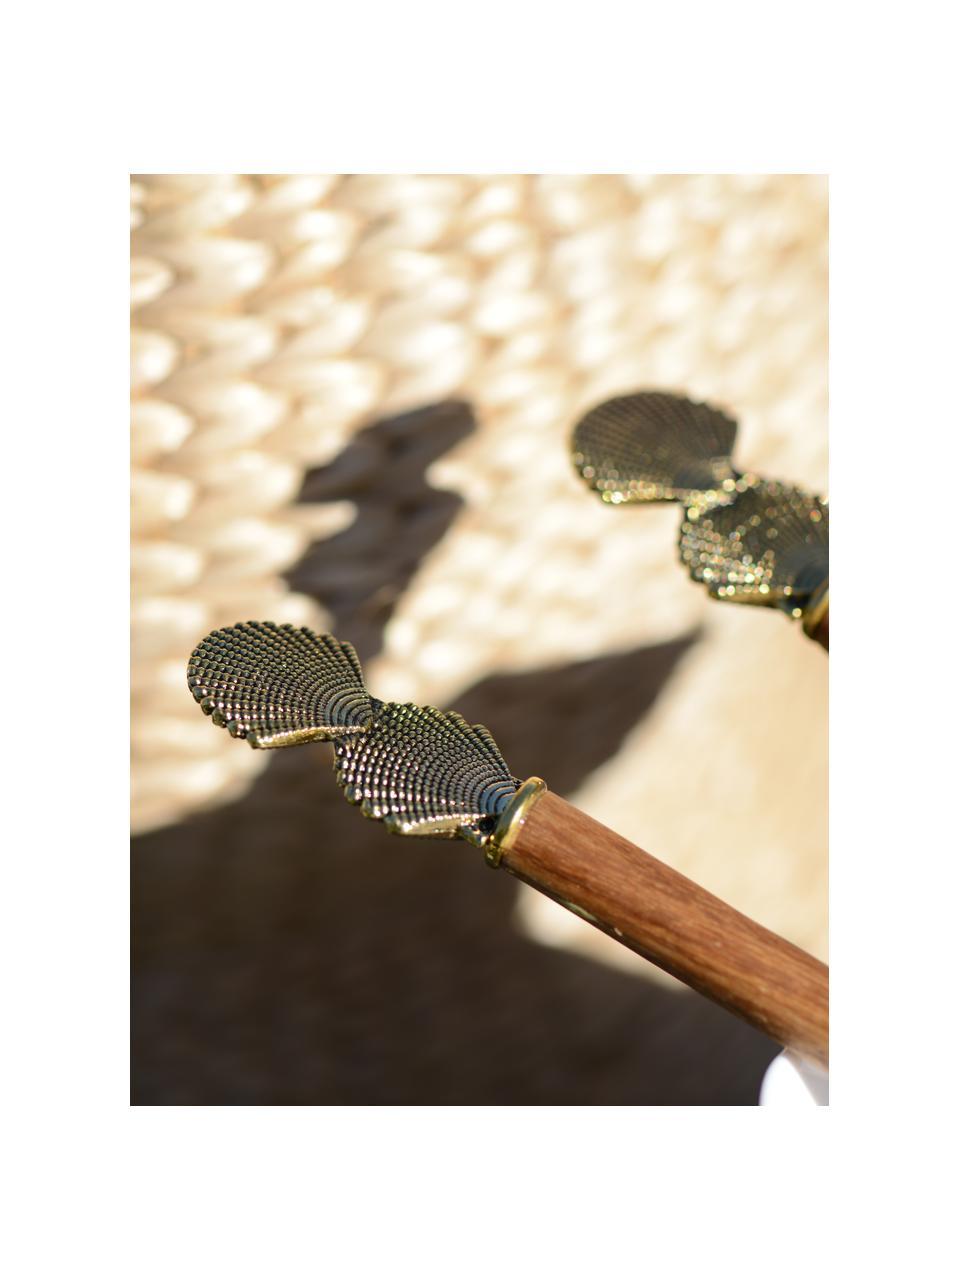 Holz Salatbesteck Shell mit goldenen Muscheln am Griff, 2er Set, Holz, Metall, Holz, Goldfarben, L 30 cm